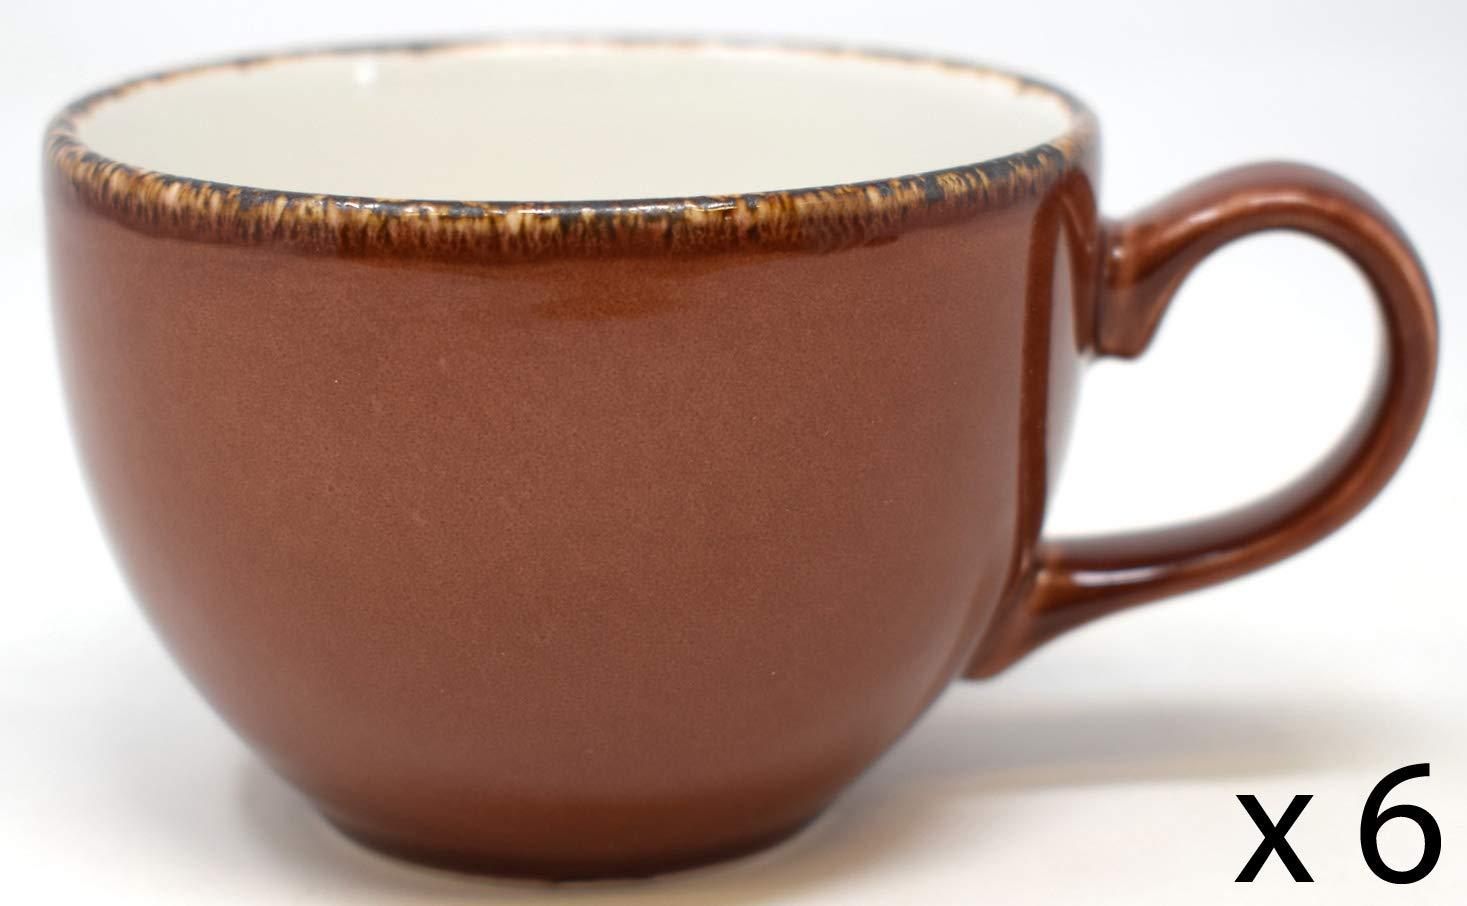 6 x 8oz Brown Mocha Cappucino Ceramic Coffee Cups Steelite